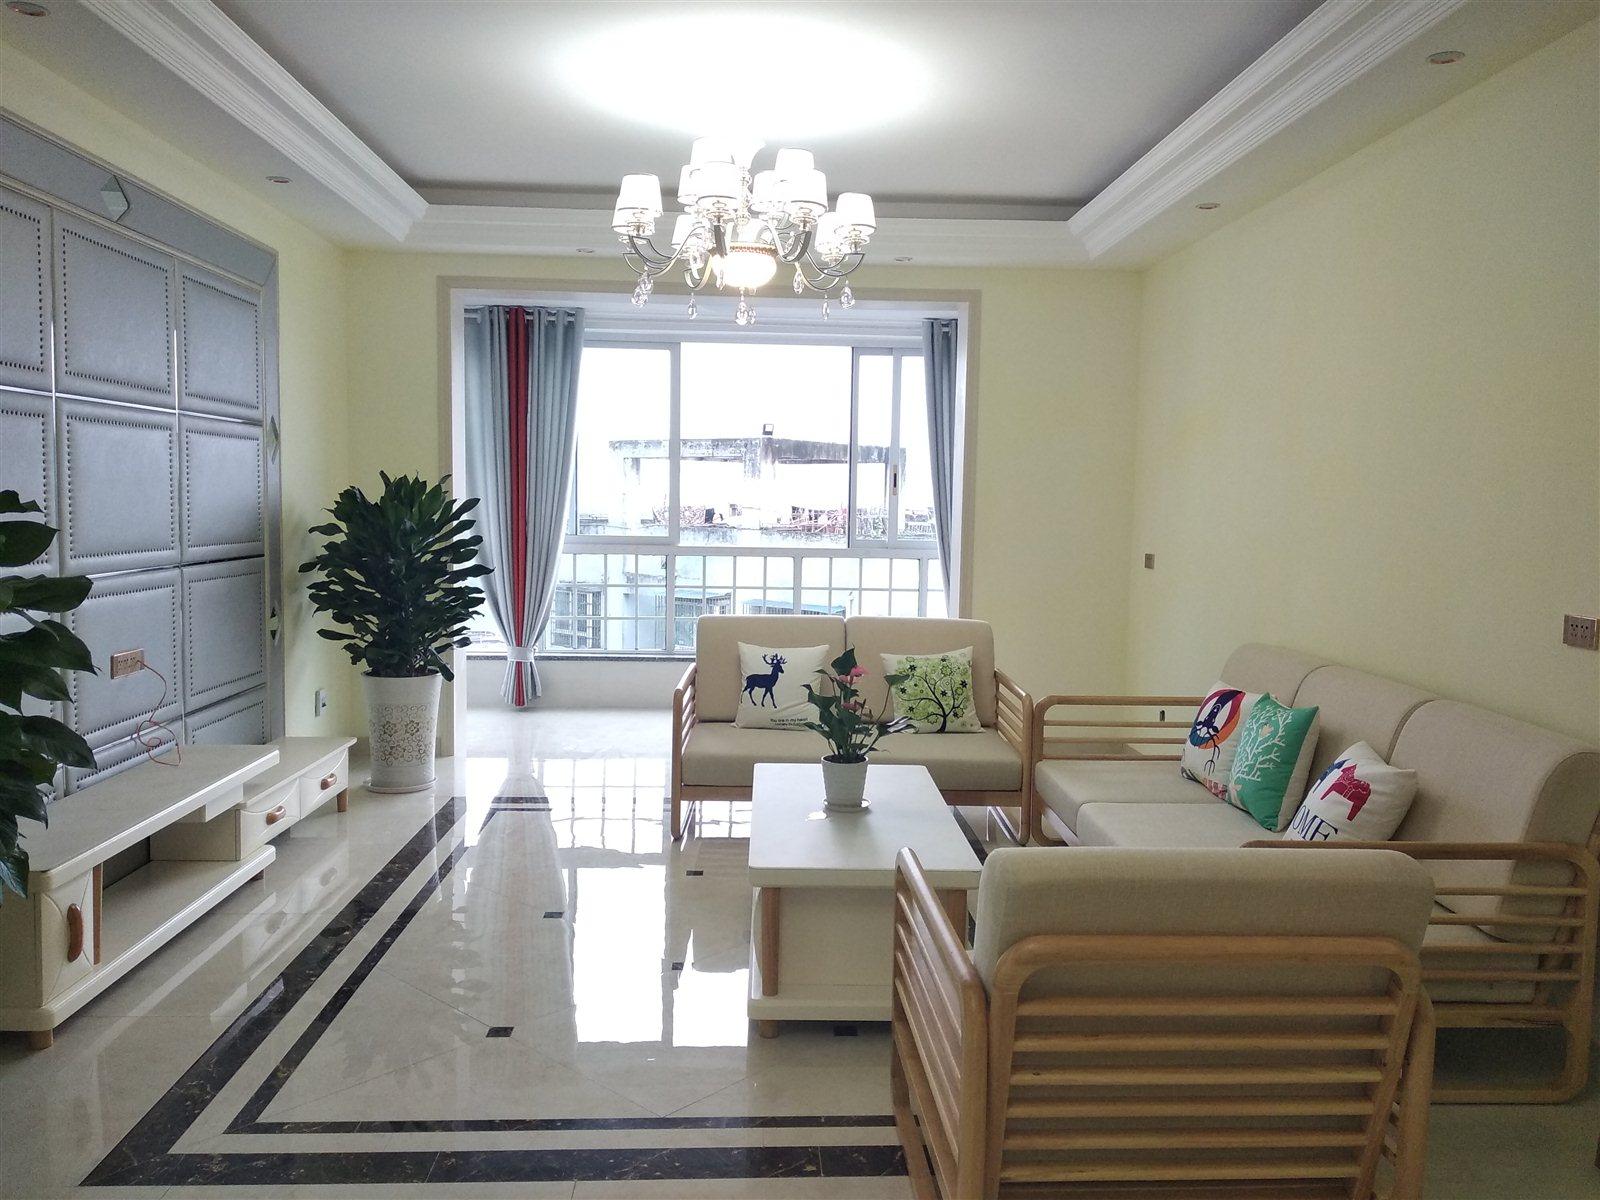 张家沟电梯公寓精装修3室 2厅 2卫69.8万元